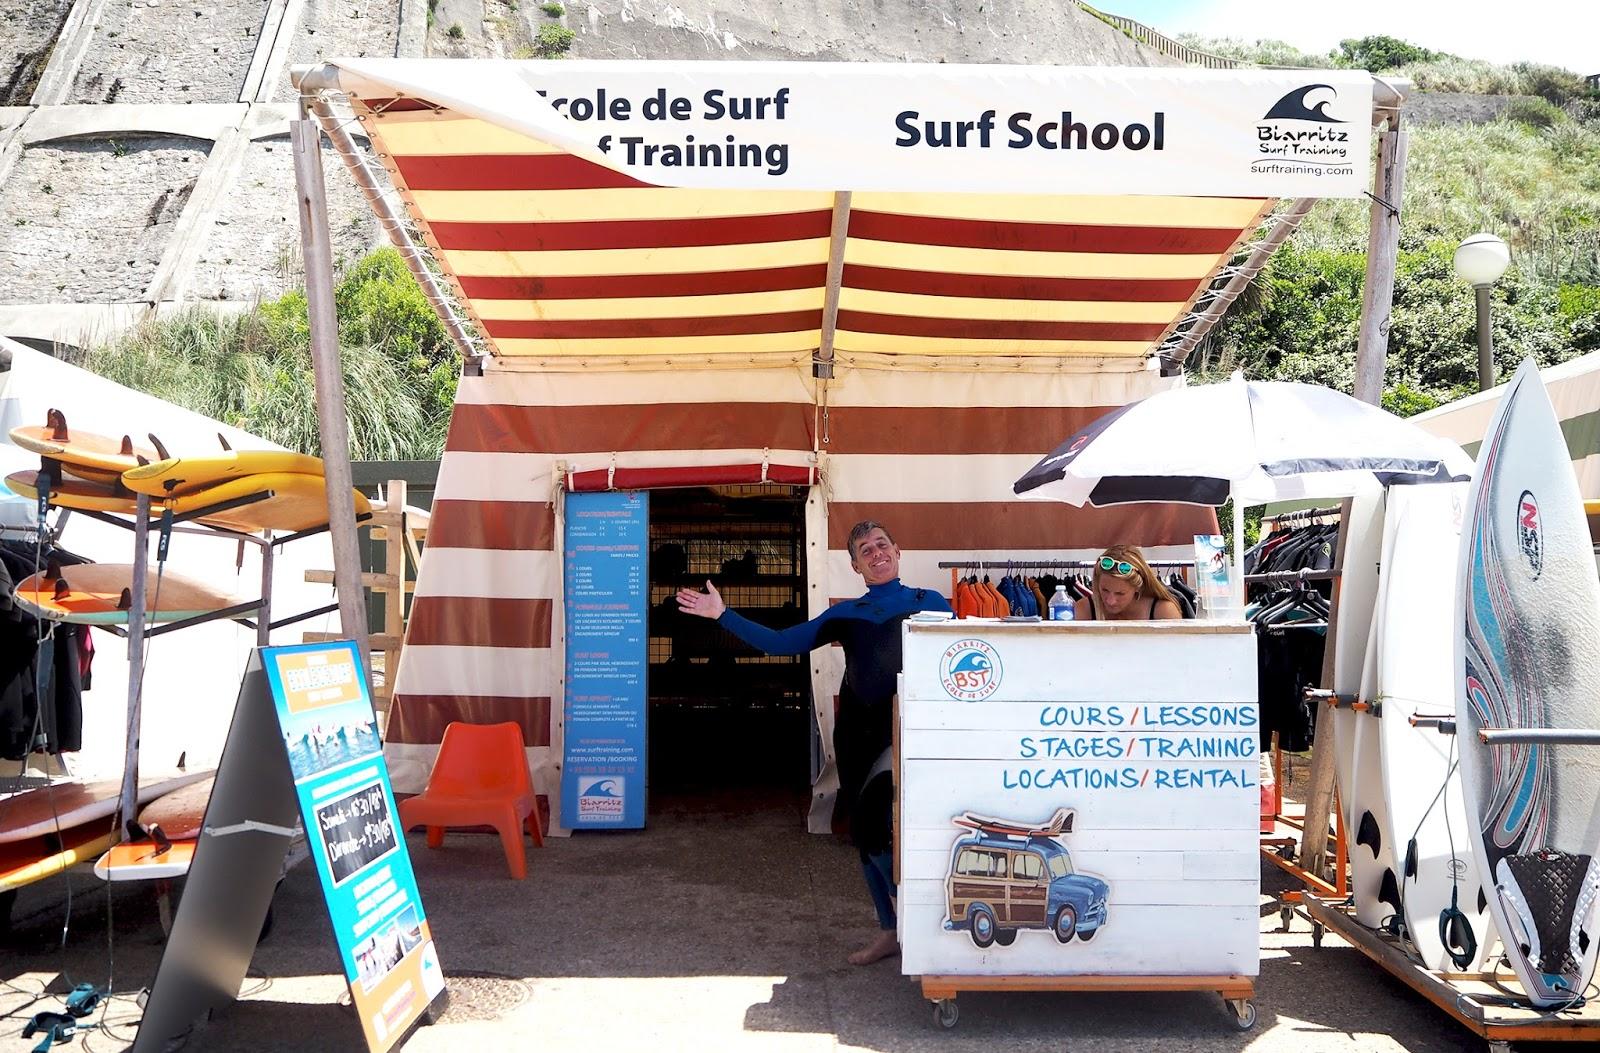 Biarritz école de surf pays basque